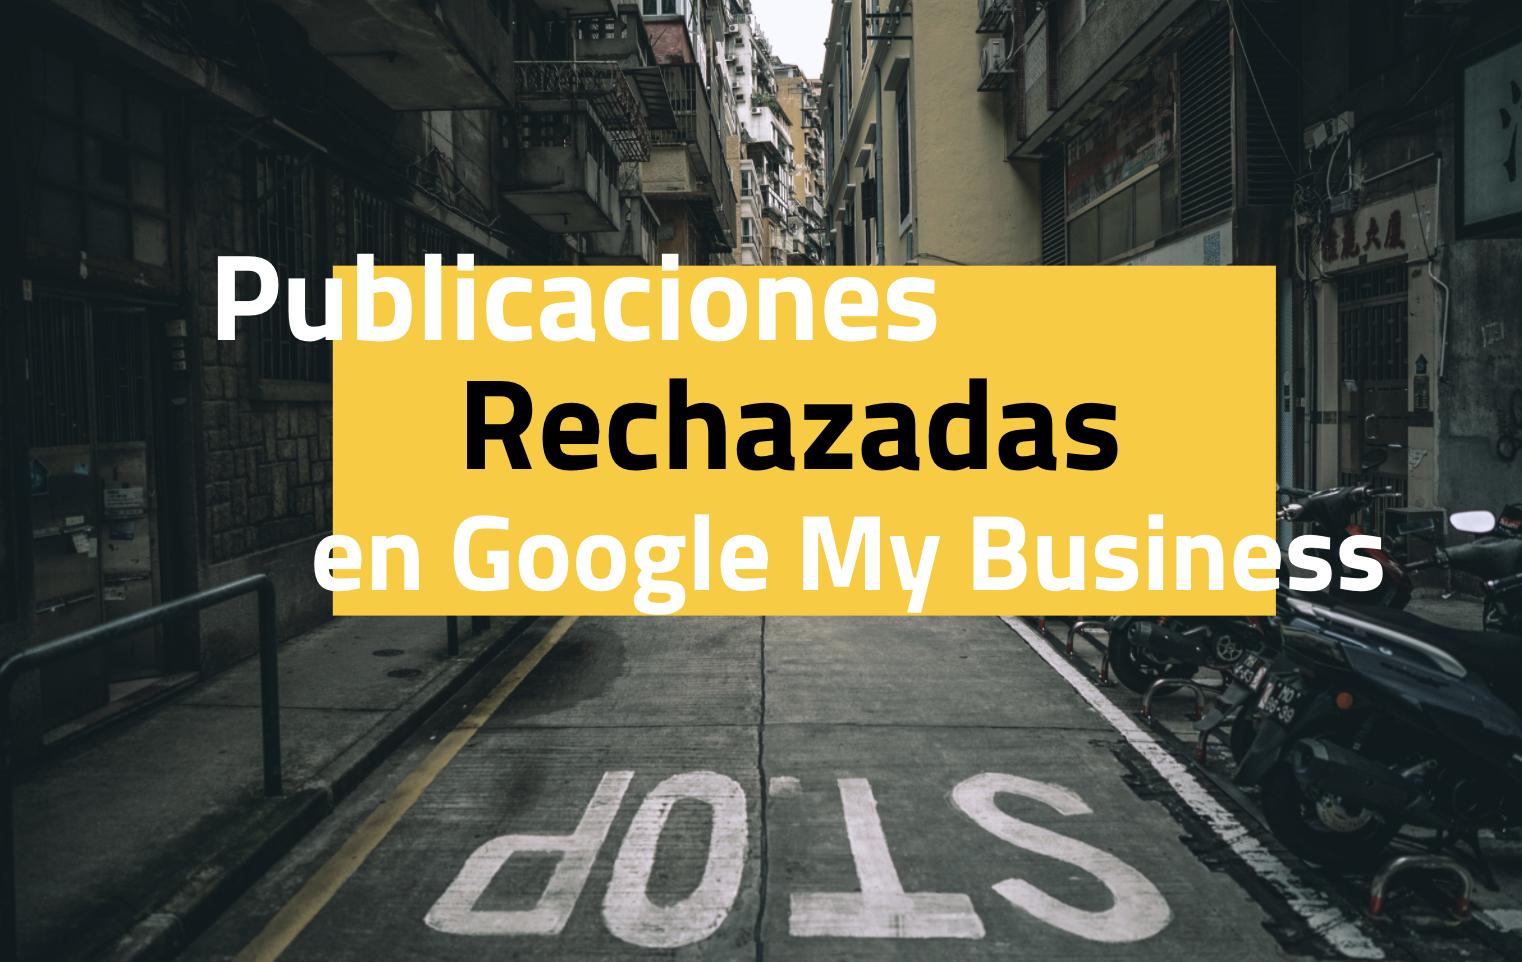 Rechazo de publicaciones en Google My Business